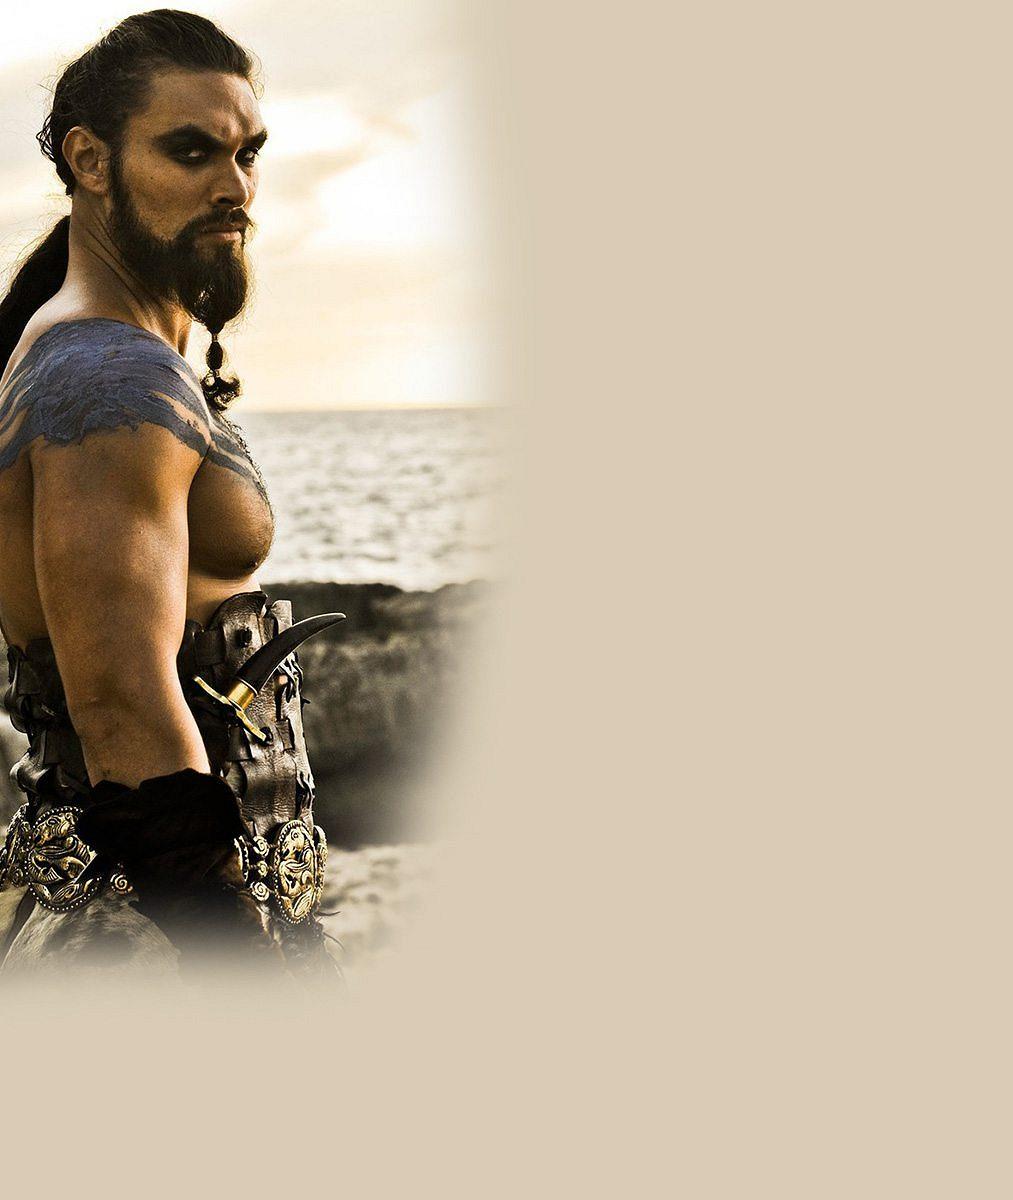 Hergot, to je chlap! Khal Drogo ze Hry o trůny naložil svých 193 centimetrů do bazénu